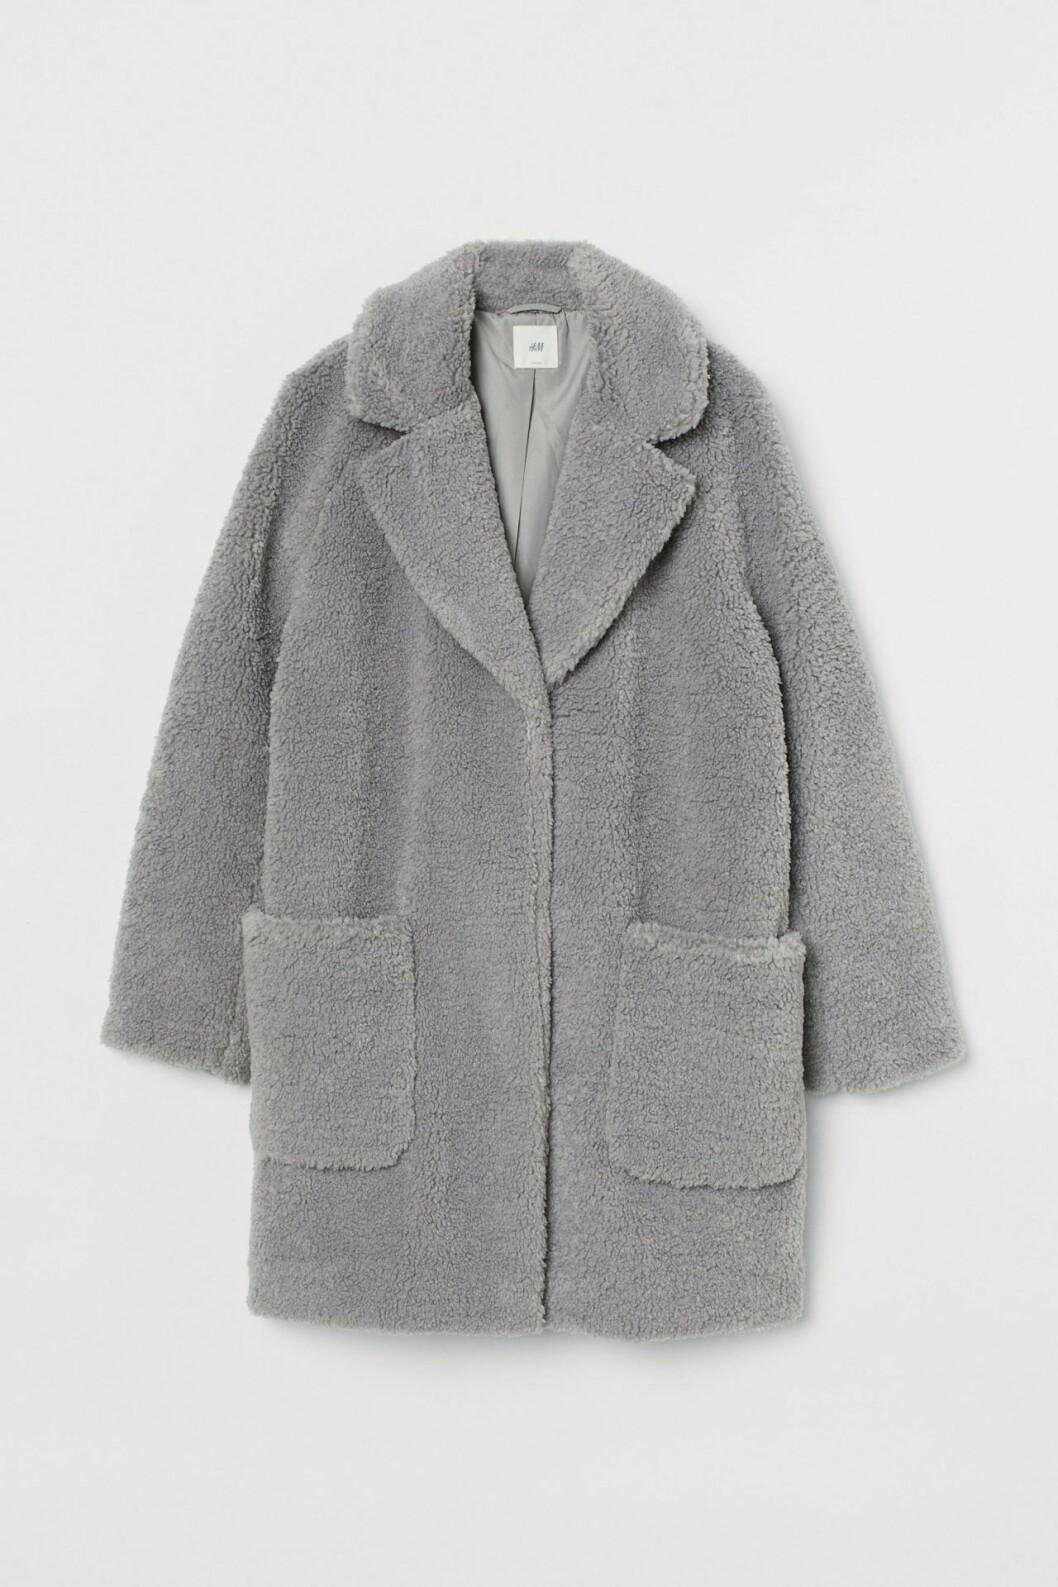 Grå kappa från H&M